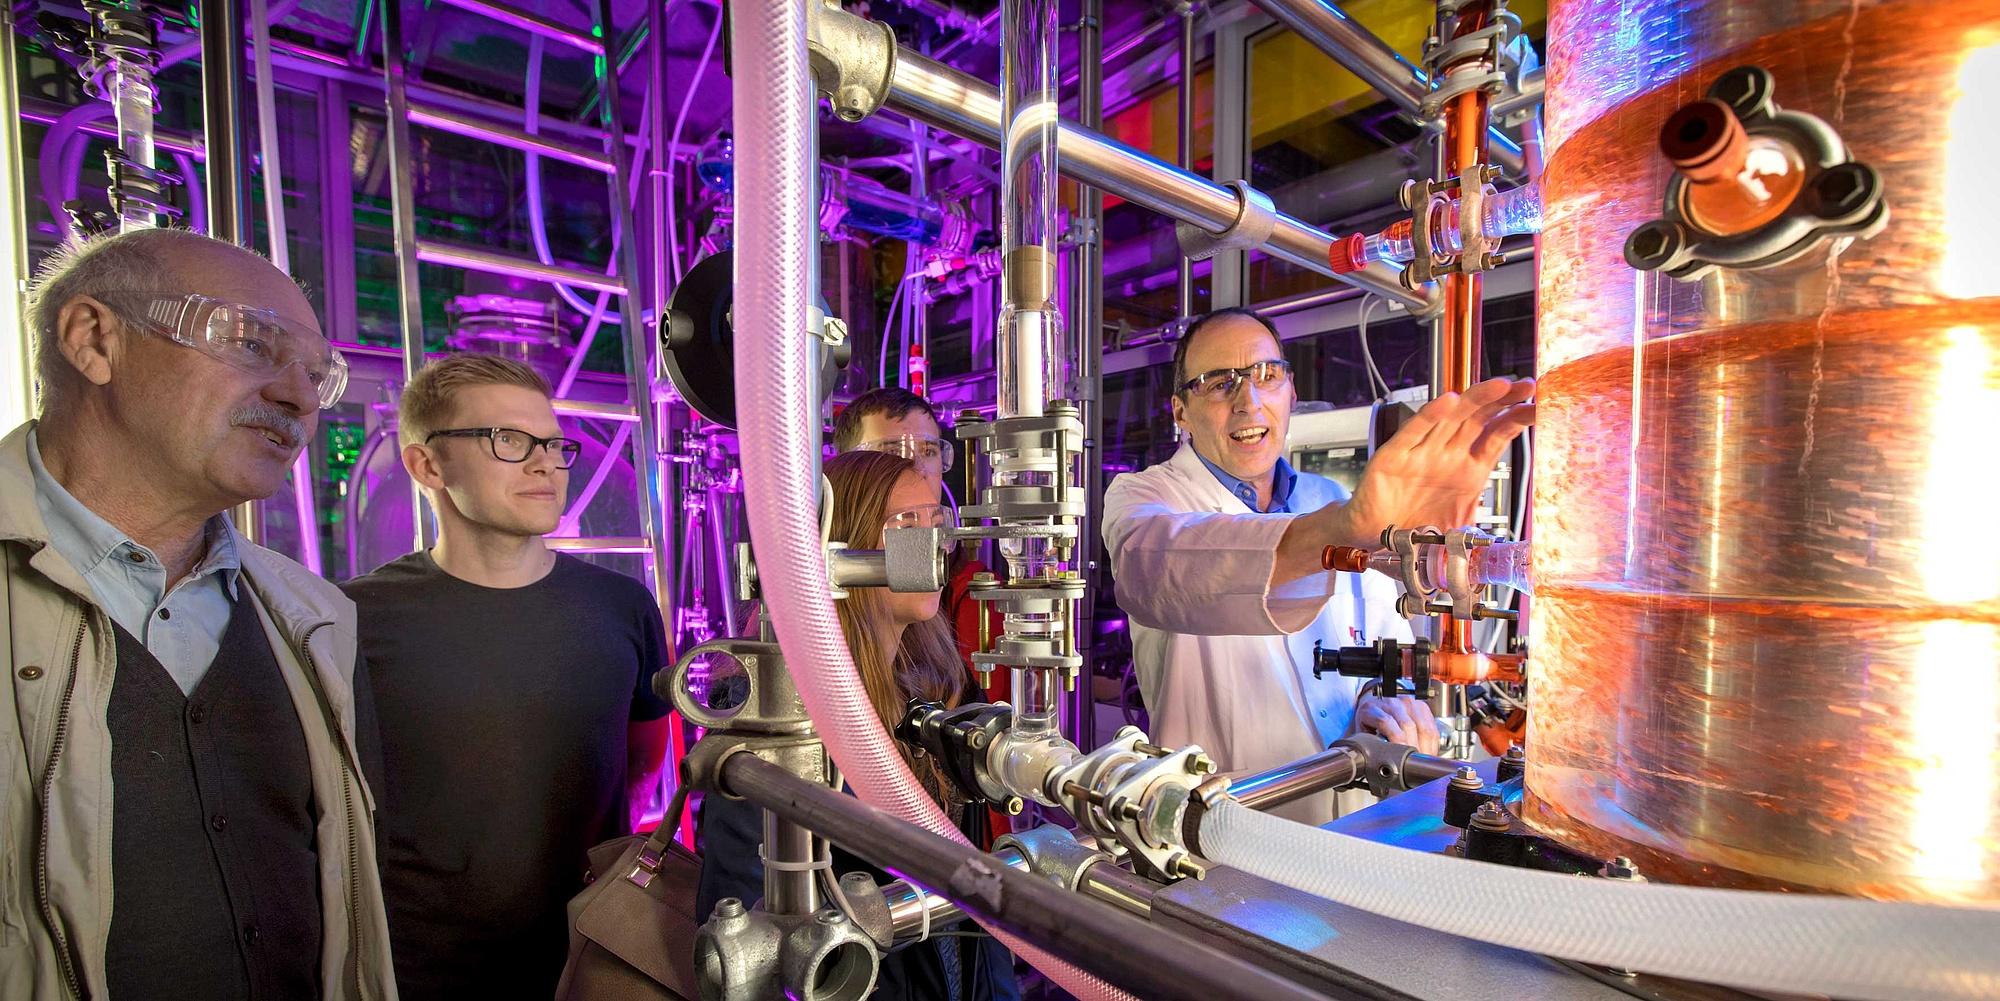 Forscher erklärt Besucher eine Maschine.